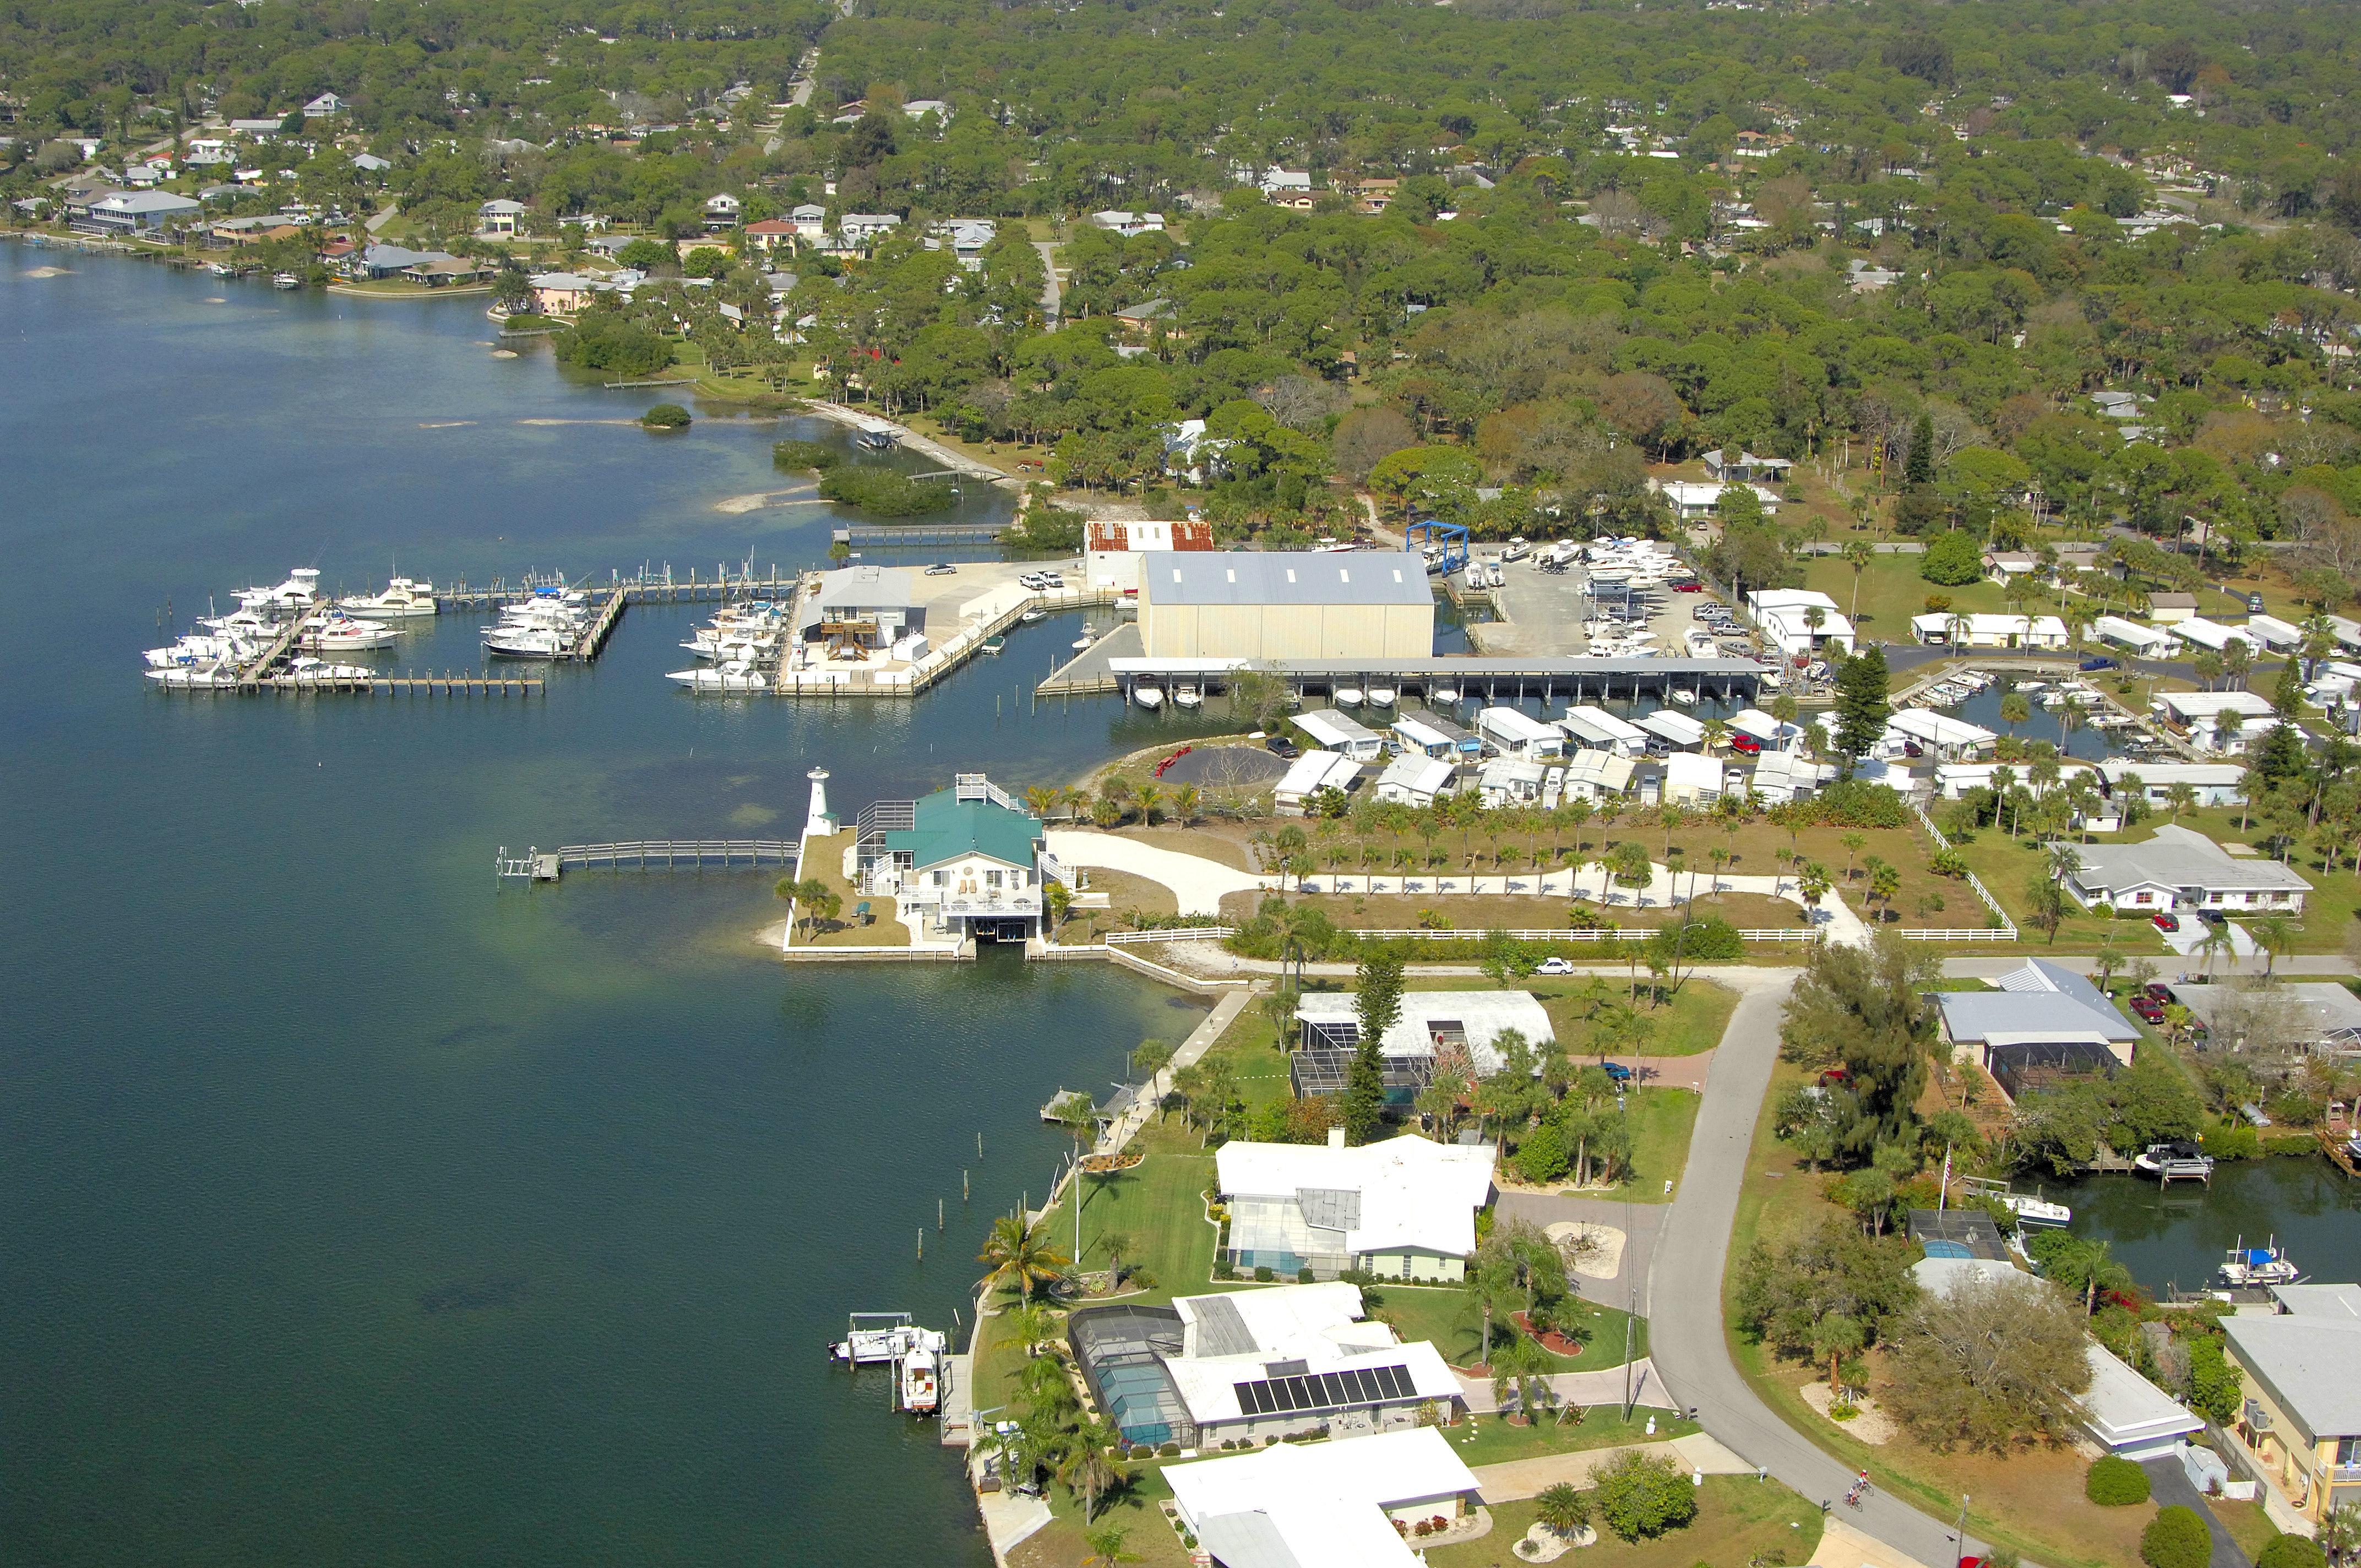 Royal Palm Marina in Englewood, FL, United States - Marina ...